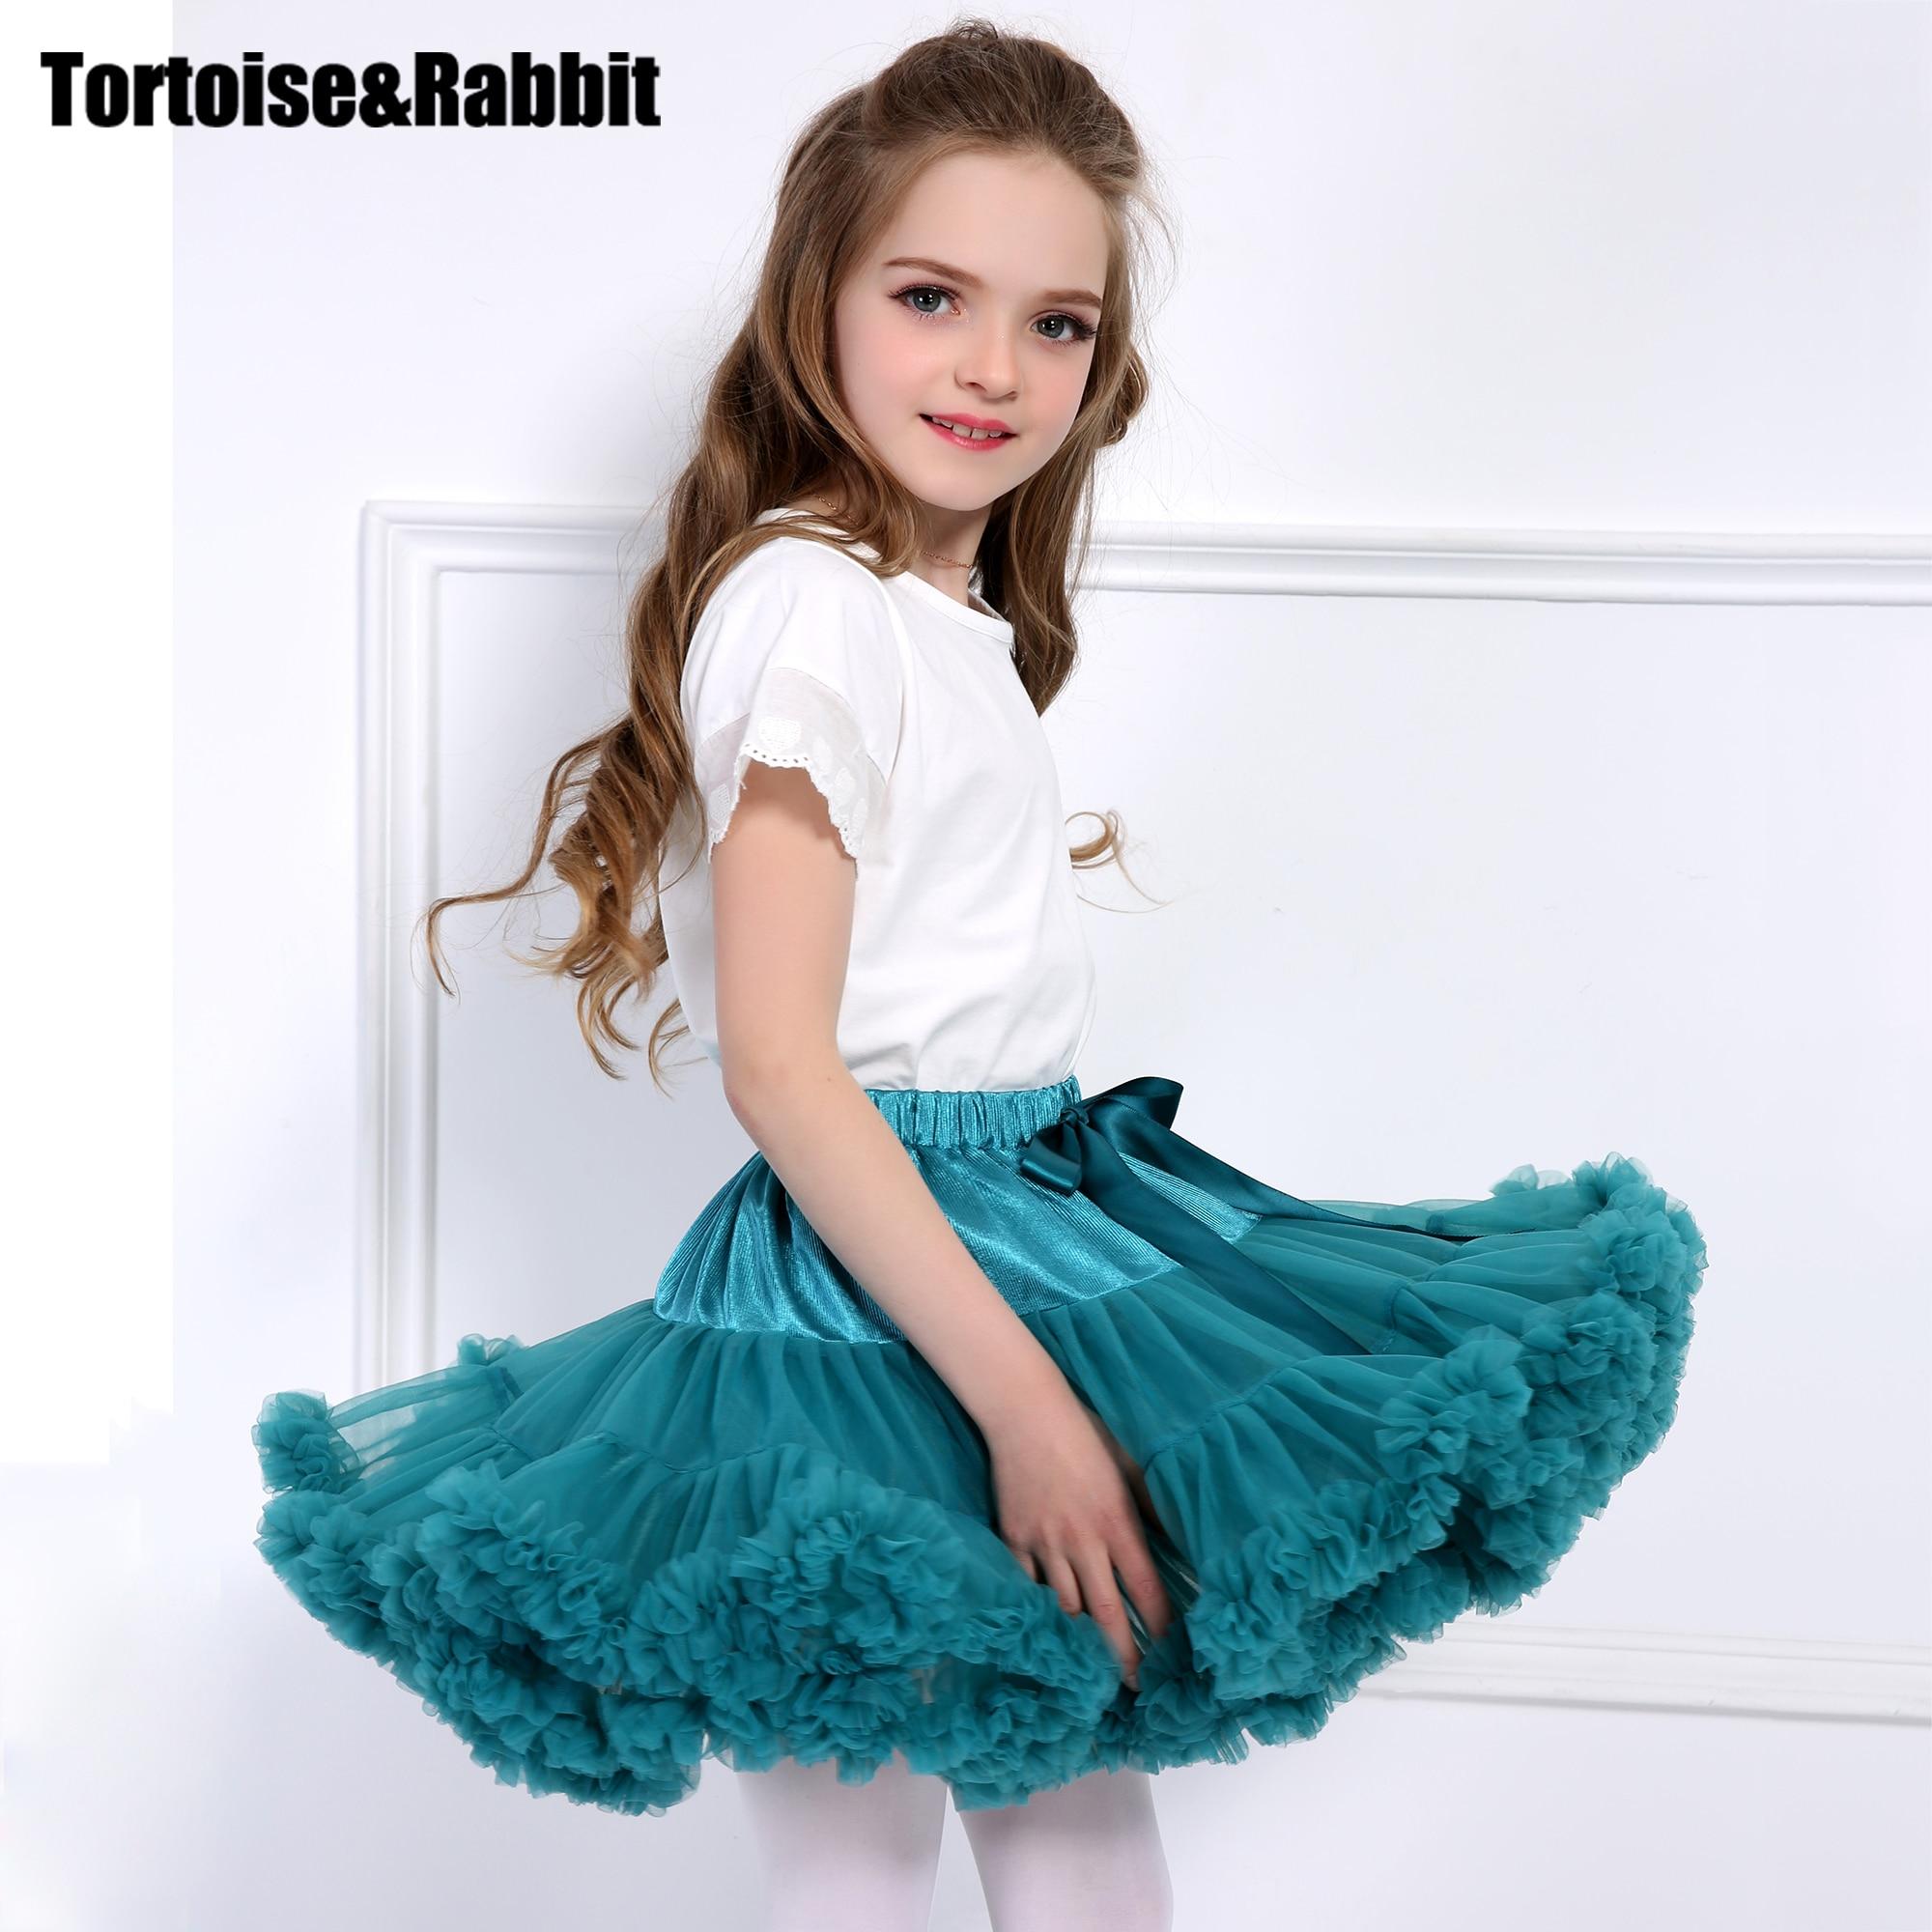 Baby Mädchen Tutu Rock Flauschigen Kinder Ballett Kinder Pettiskirt Baby Mädchen Röcke Prinzessin Tüll Party Dance Röcke Für Mädchen Günstige